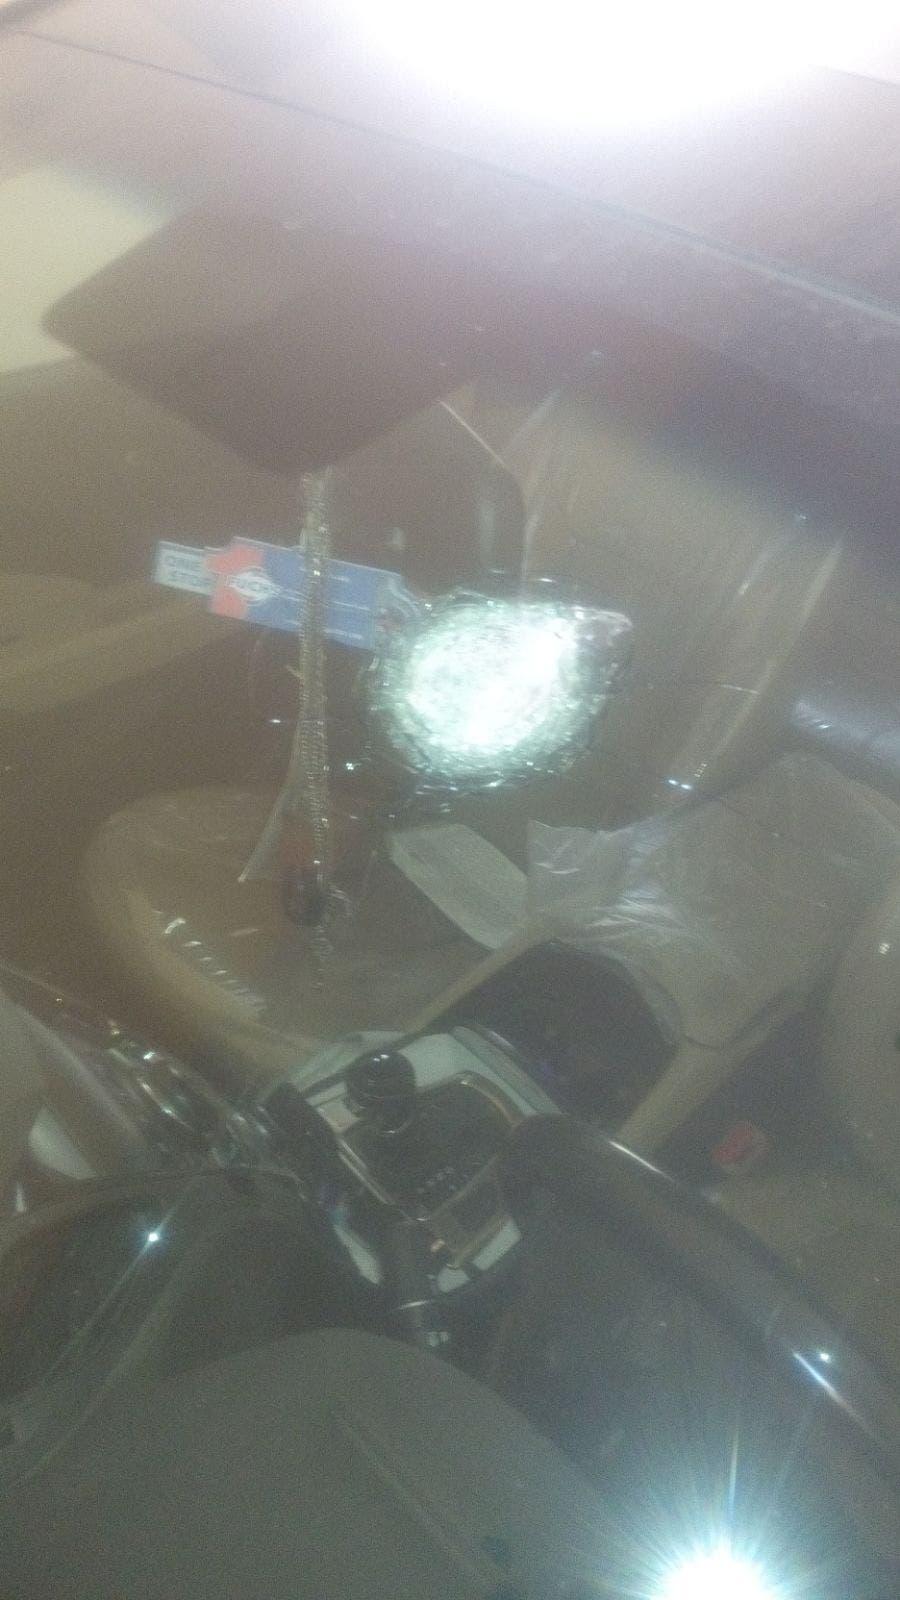 تفجير الاحساء (حي محاسن) من المستفيد .. إنا لله وإنا إليه راجعون !!! 29226516-9935-4d35-b87b-8d4f92548146